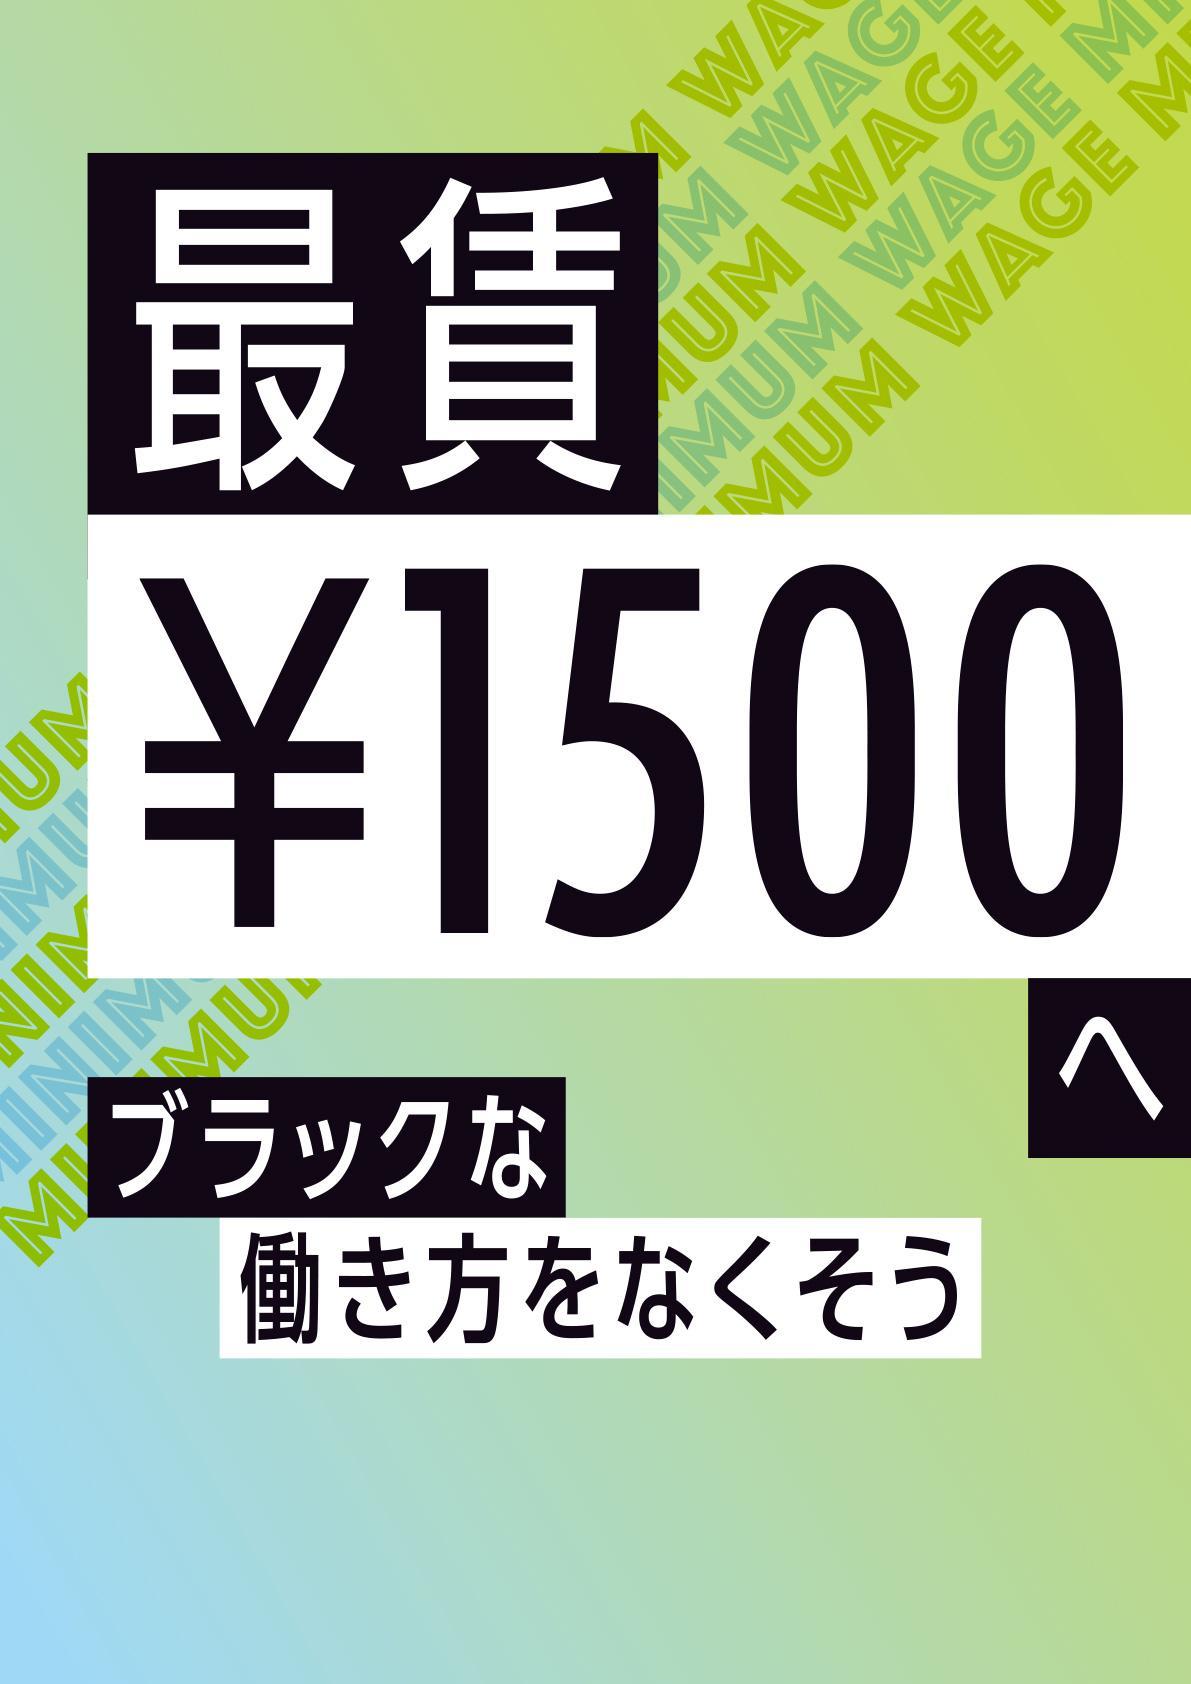 最賃¥1500へ ブラックな働き方をなくそう